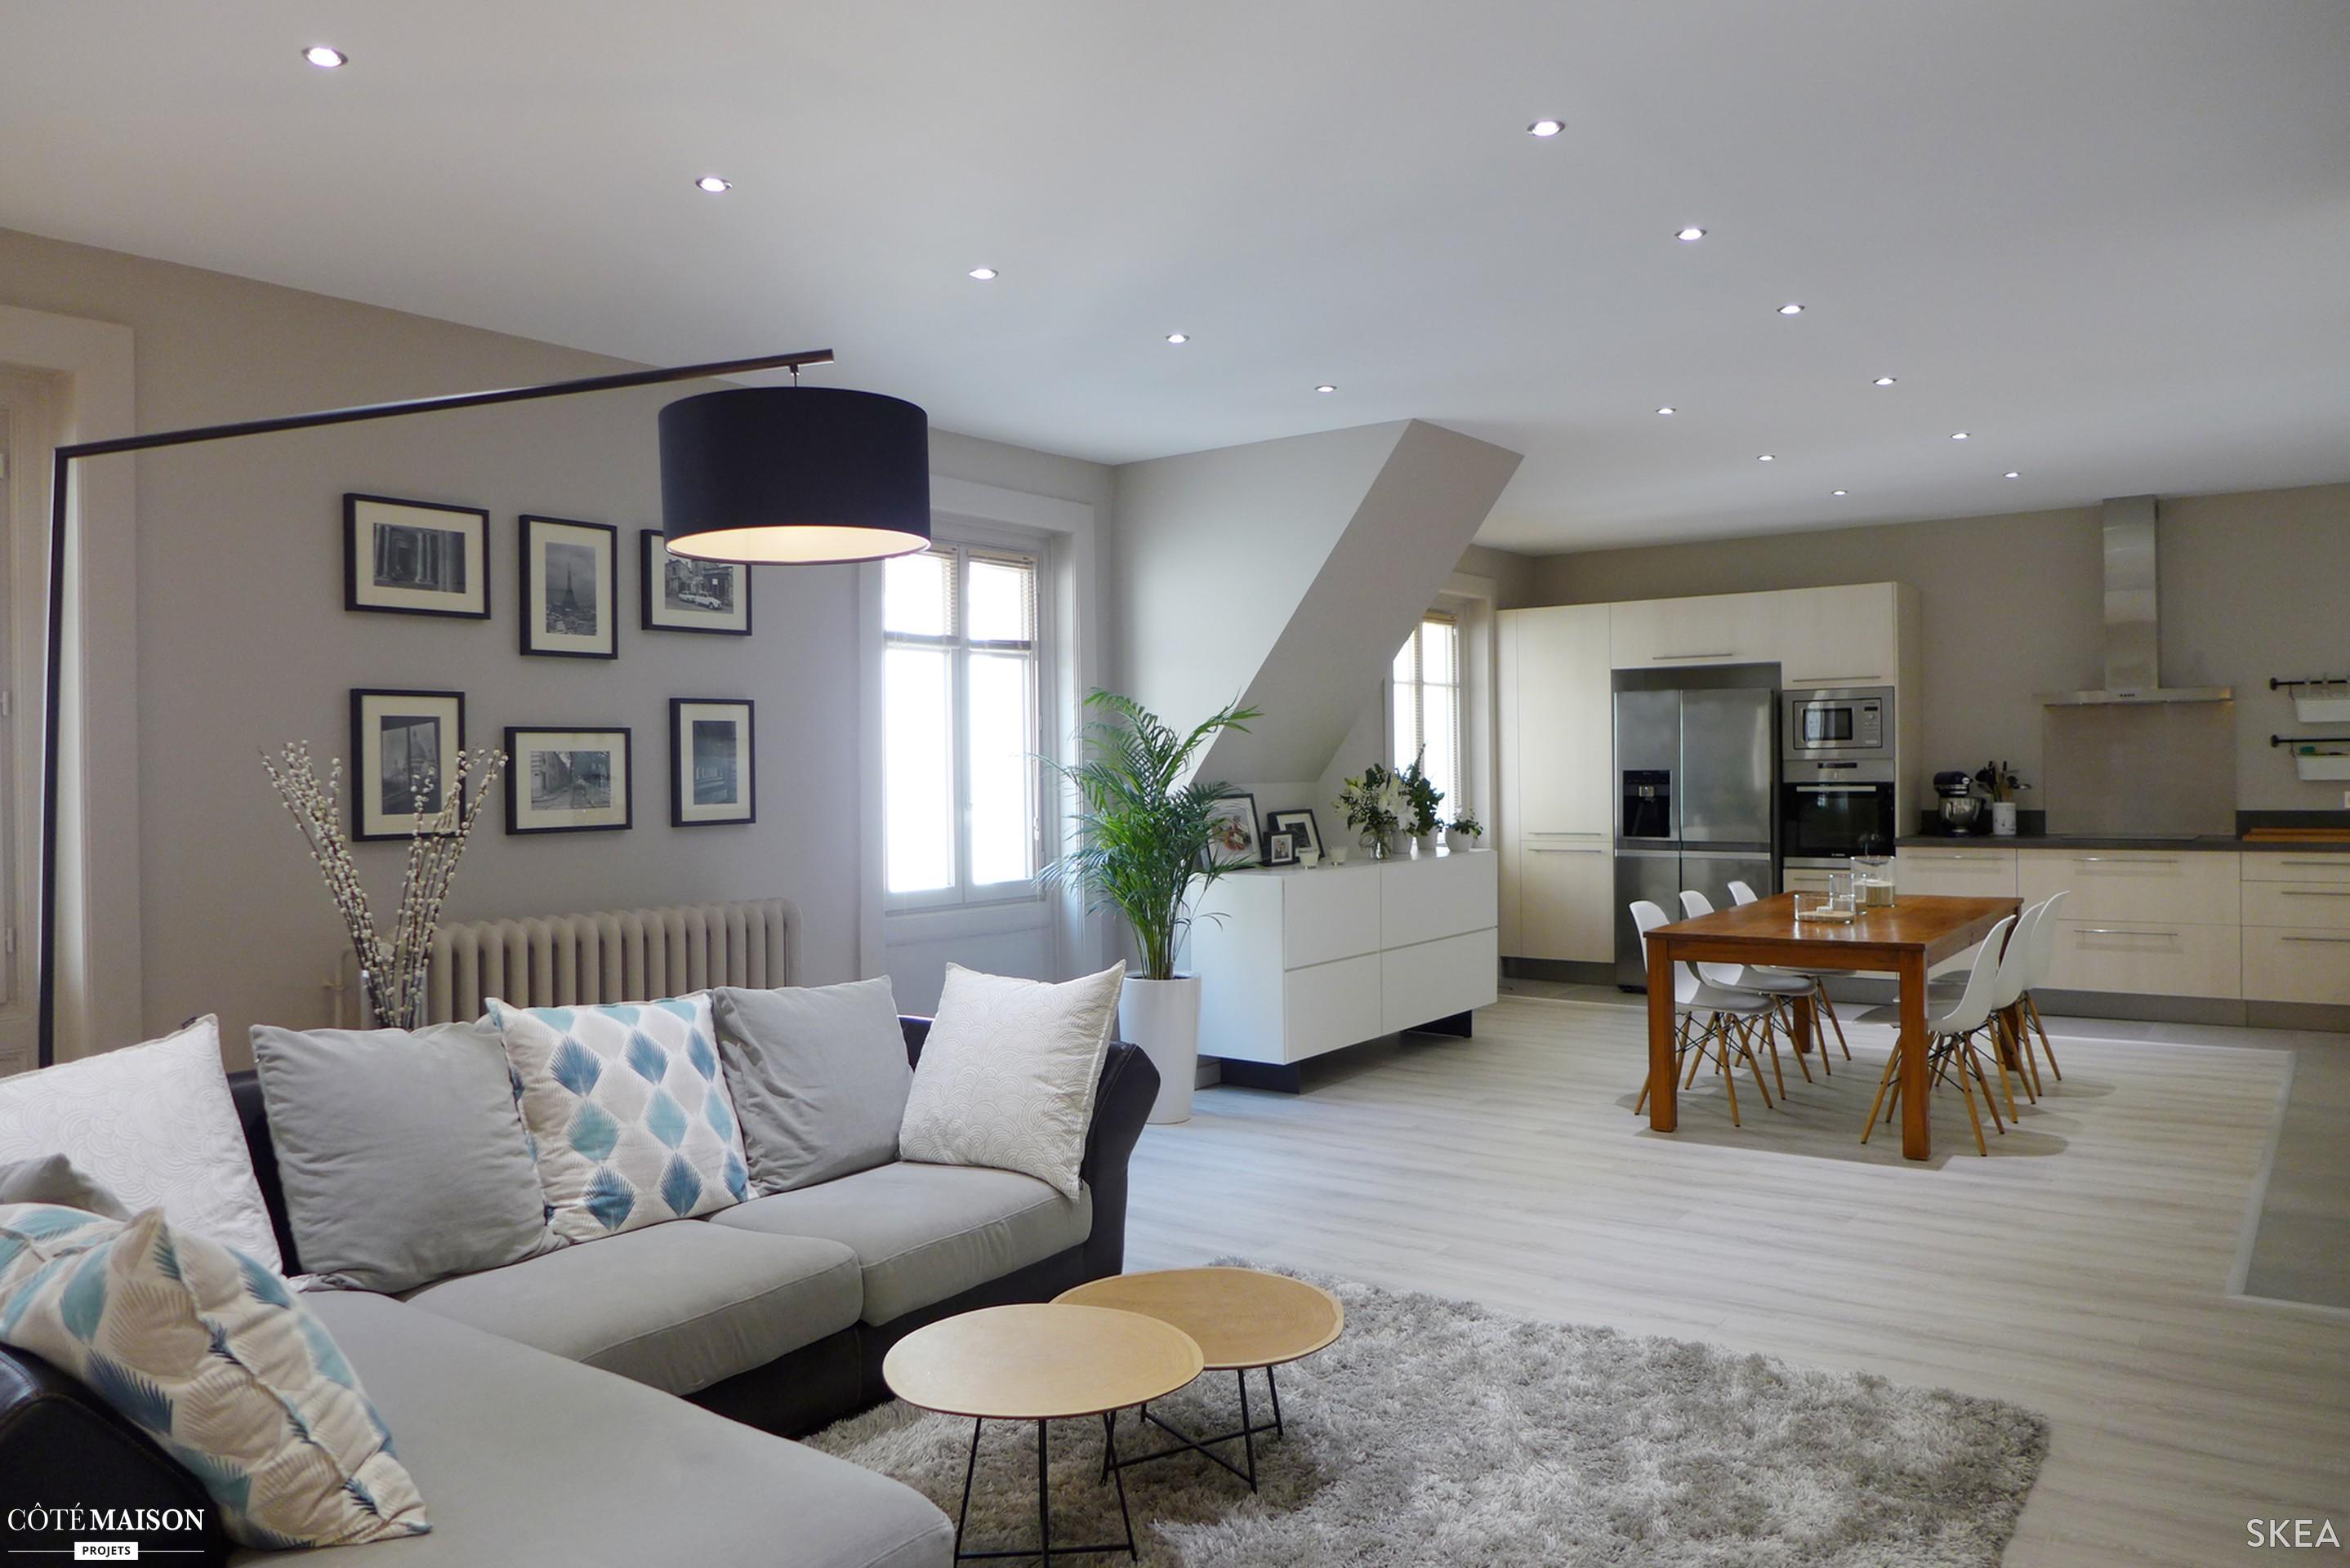 Cuisine ouverte refermable maison parallele - Deco salon et cuisine ouverte ...